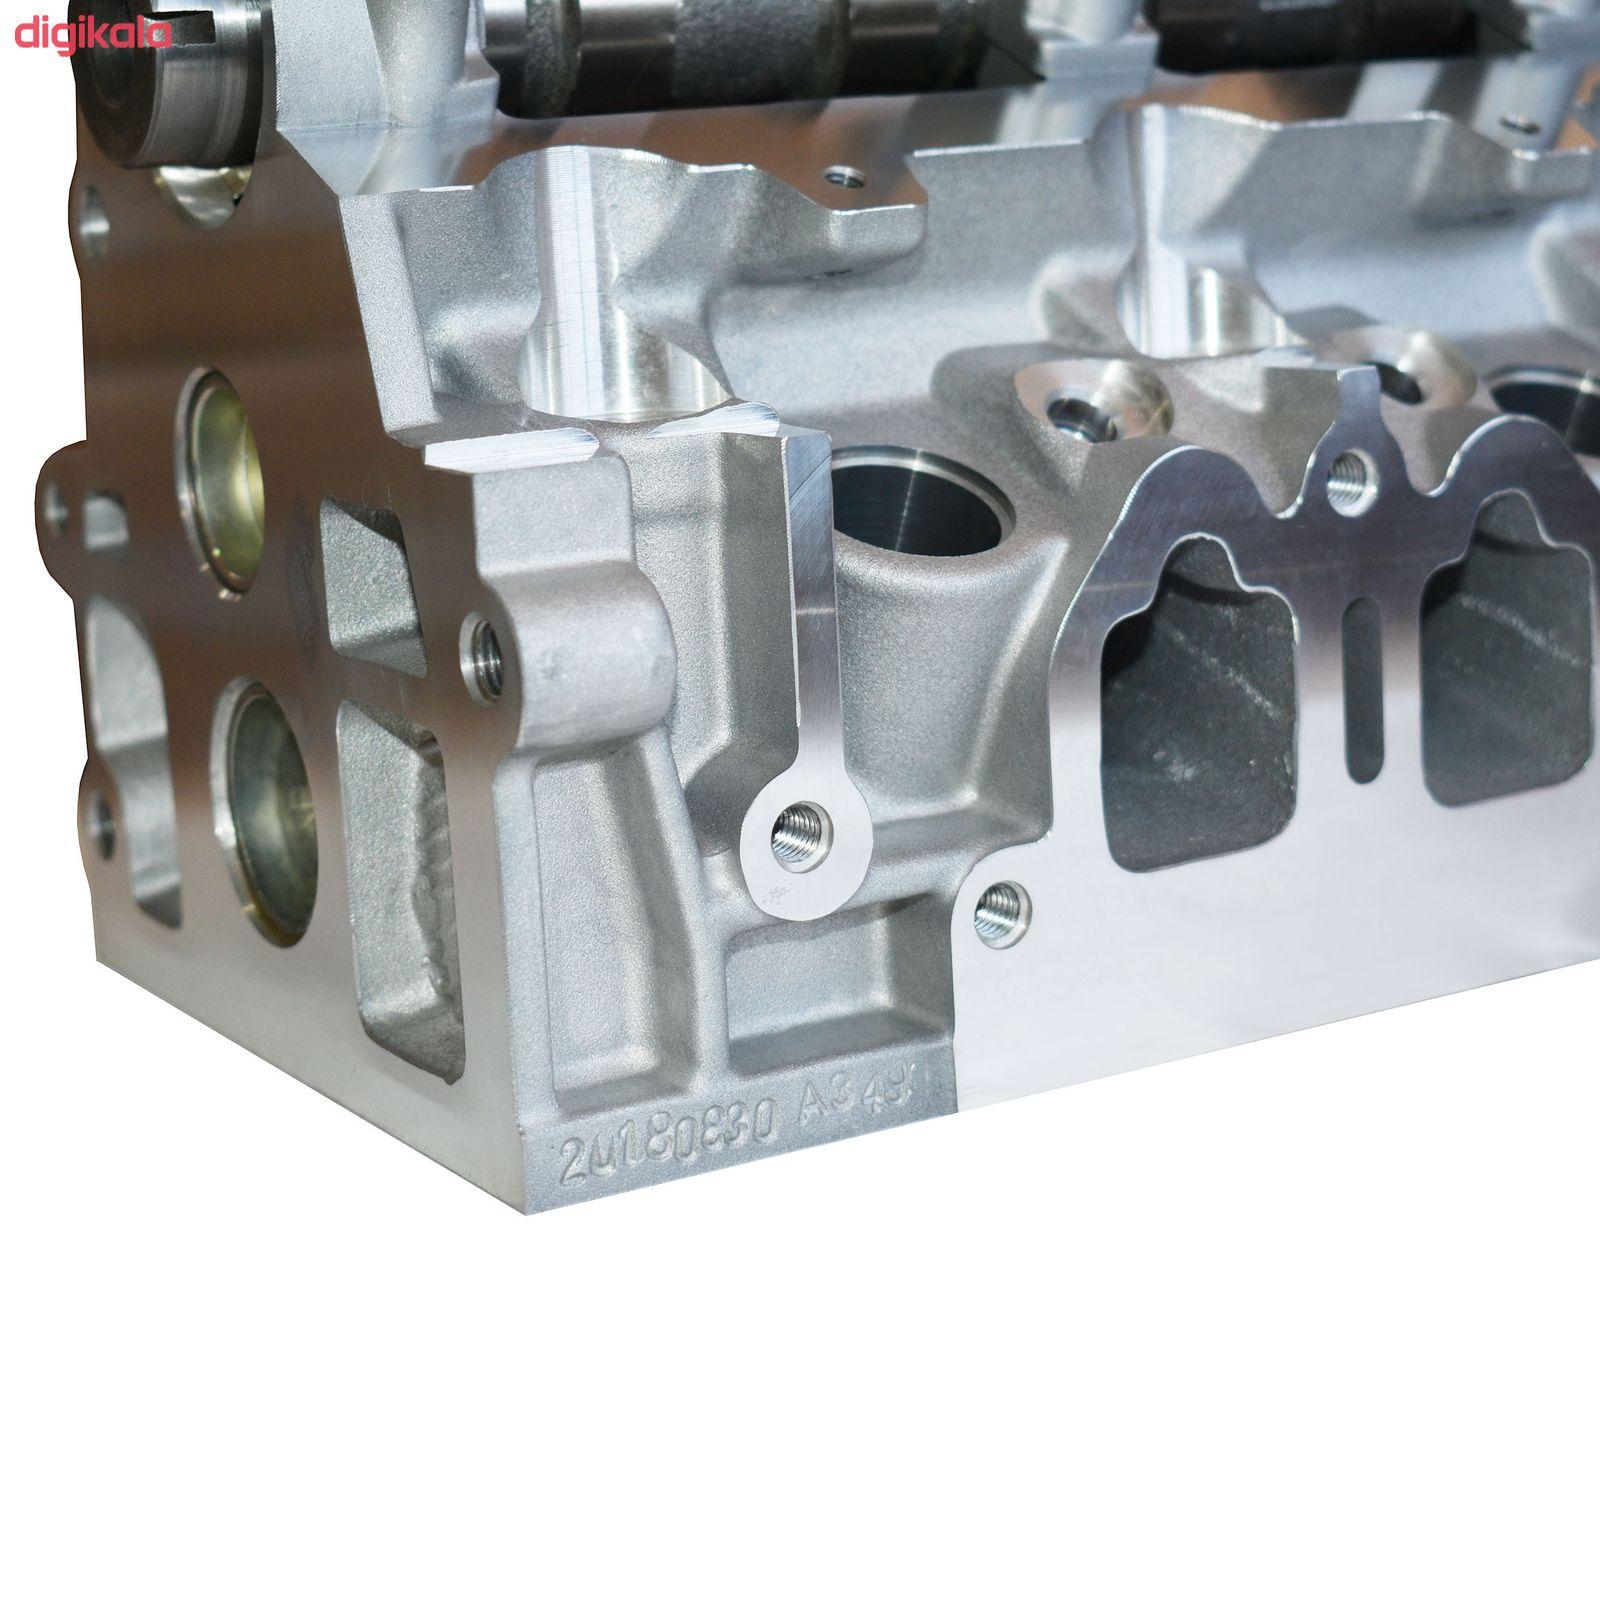 سرسیلندر توسن مدل TSK7405 مناسب برای پژو 405 main 1 1